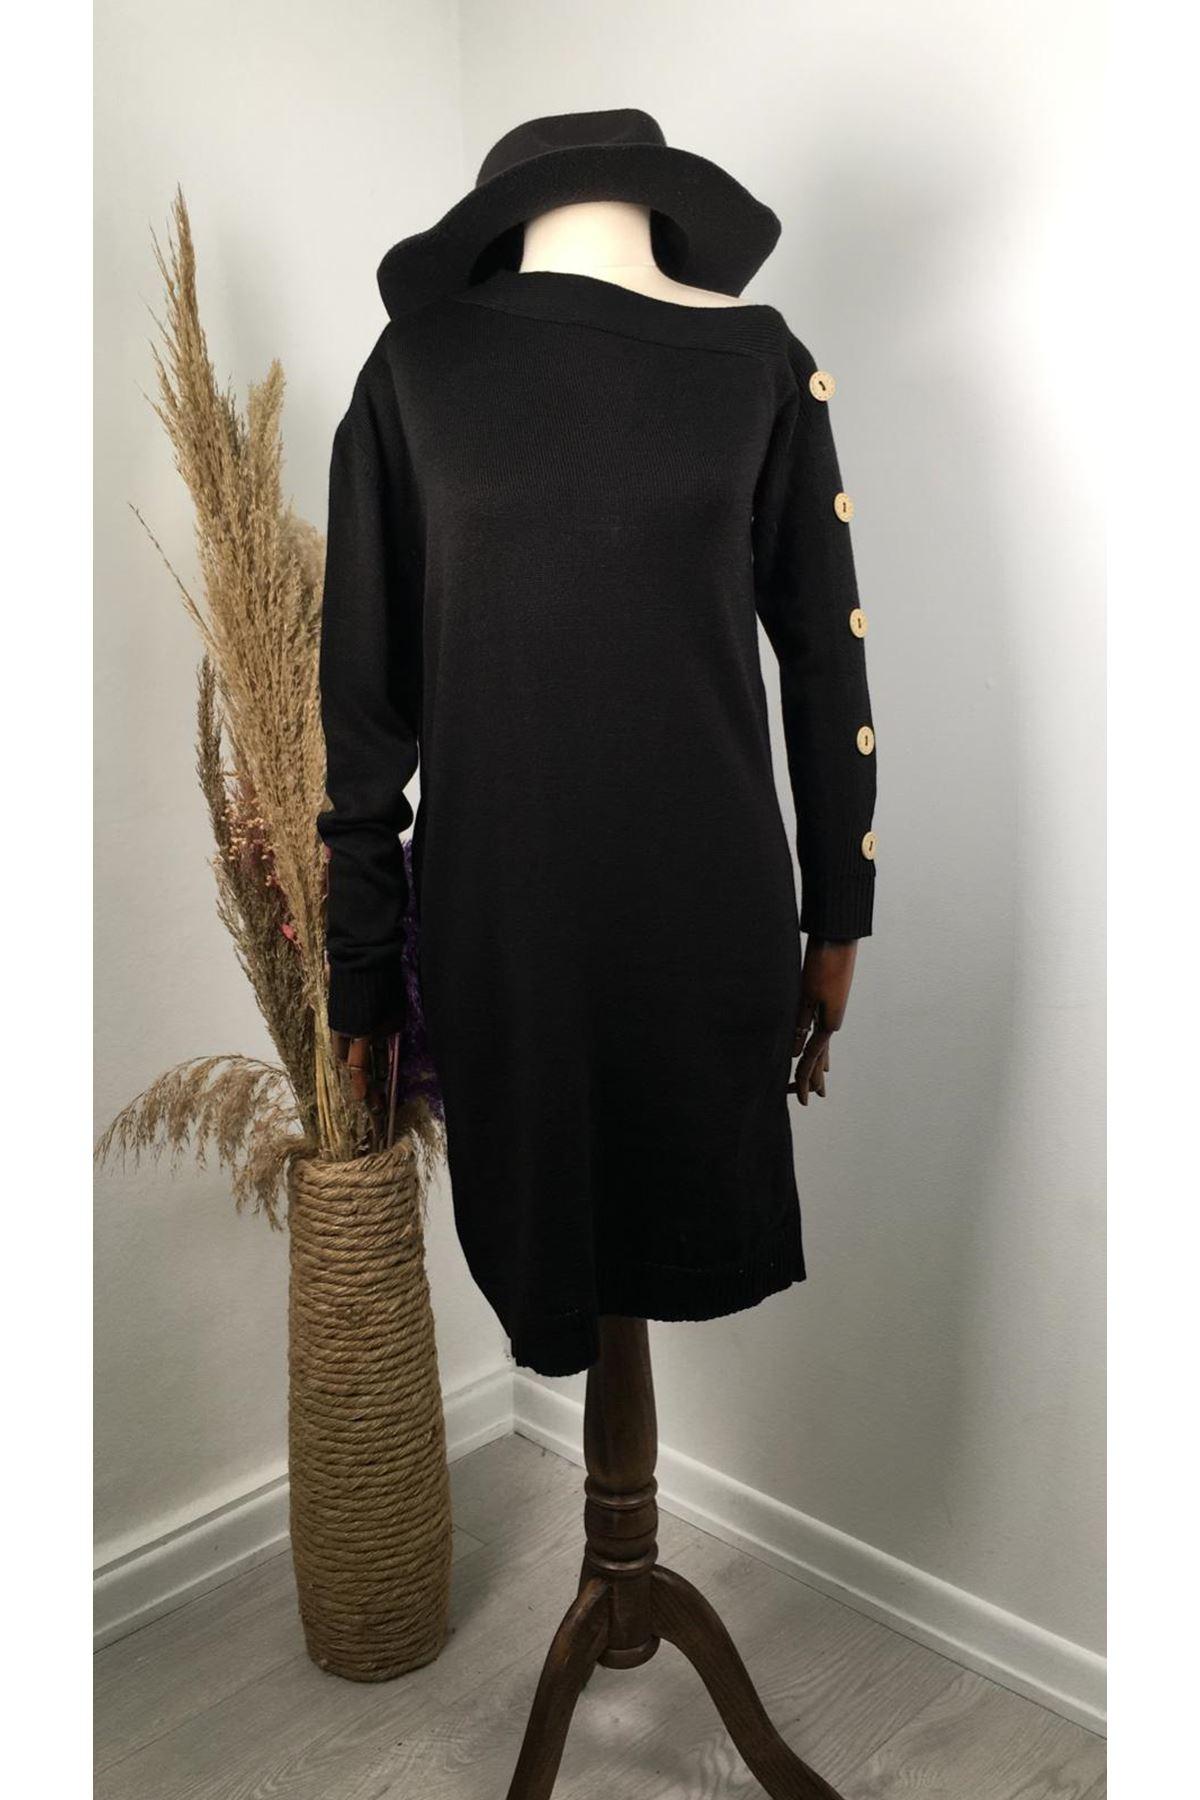 Omuz dekolteli kolları düğme detaylı triko elbise K88 SİYAH